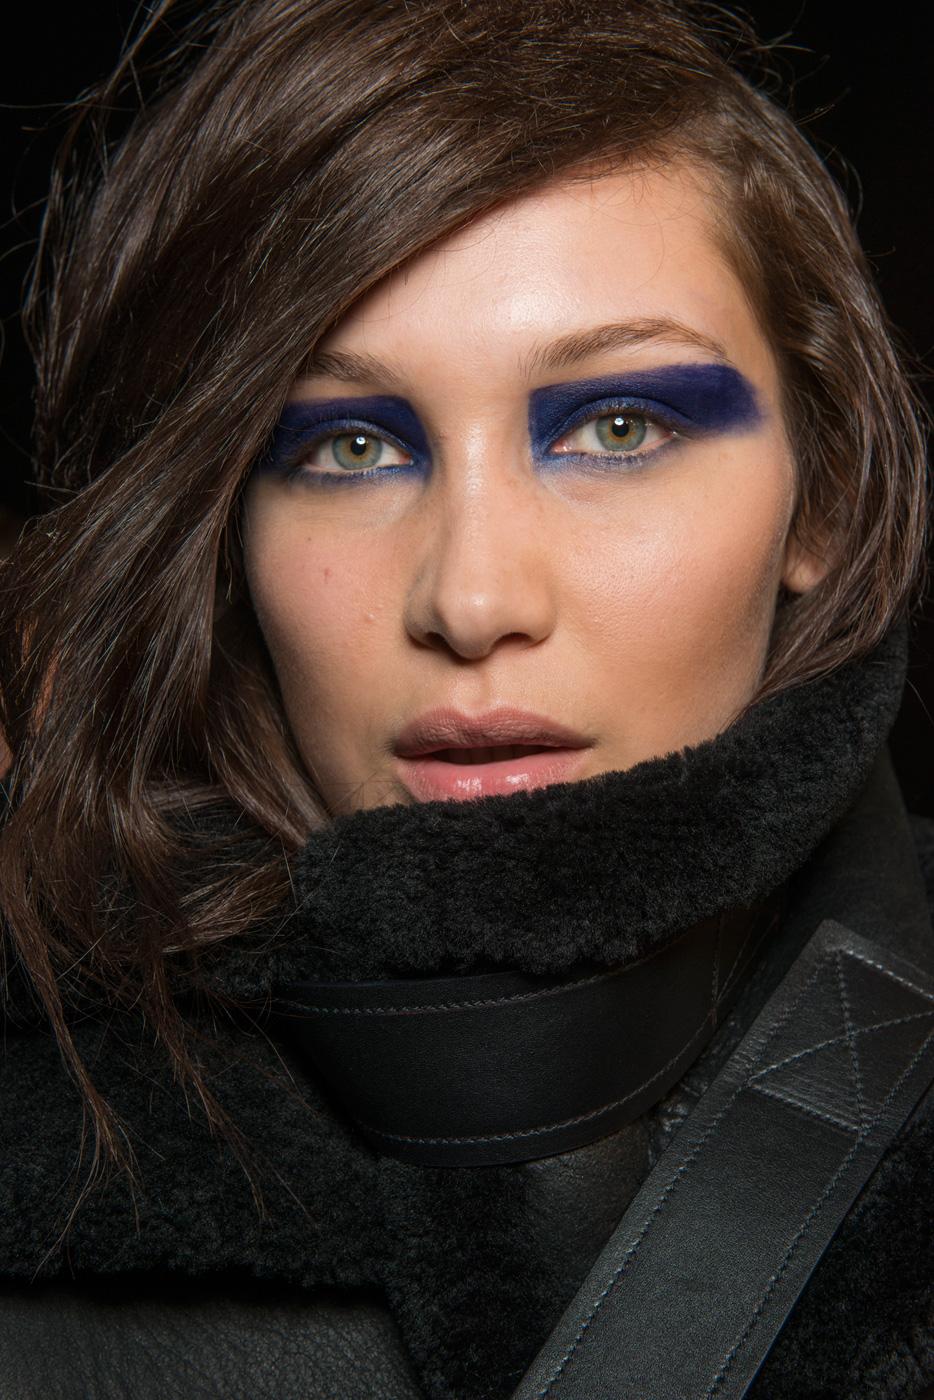 Những kiểu makeup dọa ma khiến người xem phải giật mình tại Tuần lễ thời trang Thu/Đông 2017 - Ảnh 9.